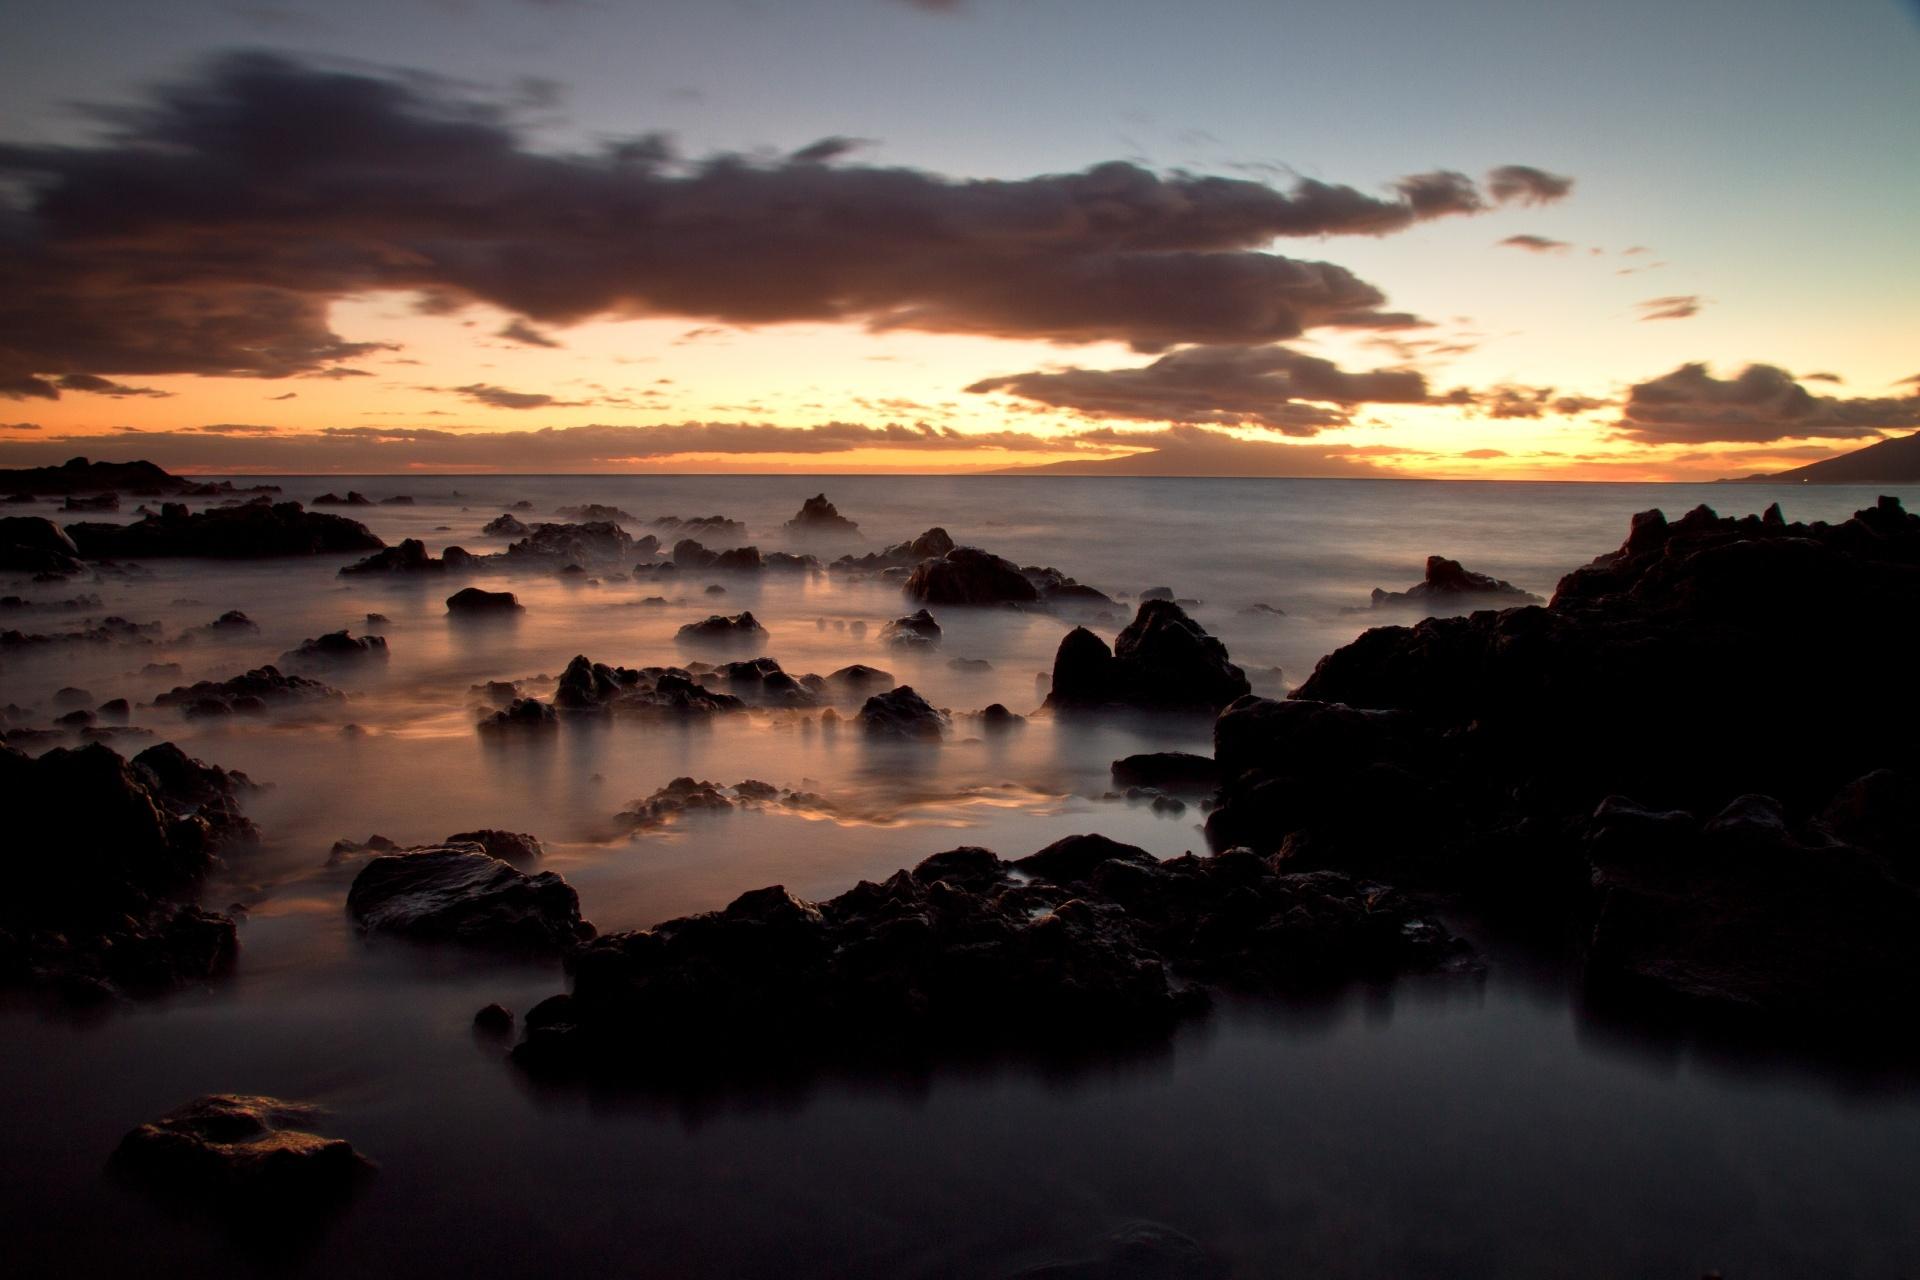 ハワイの夕景 ハワイの風景